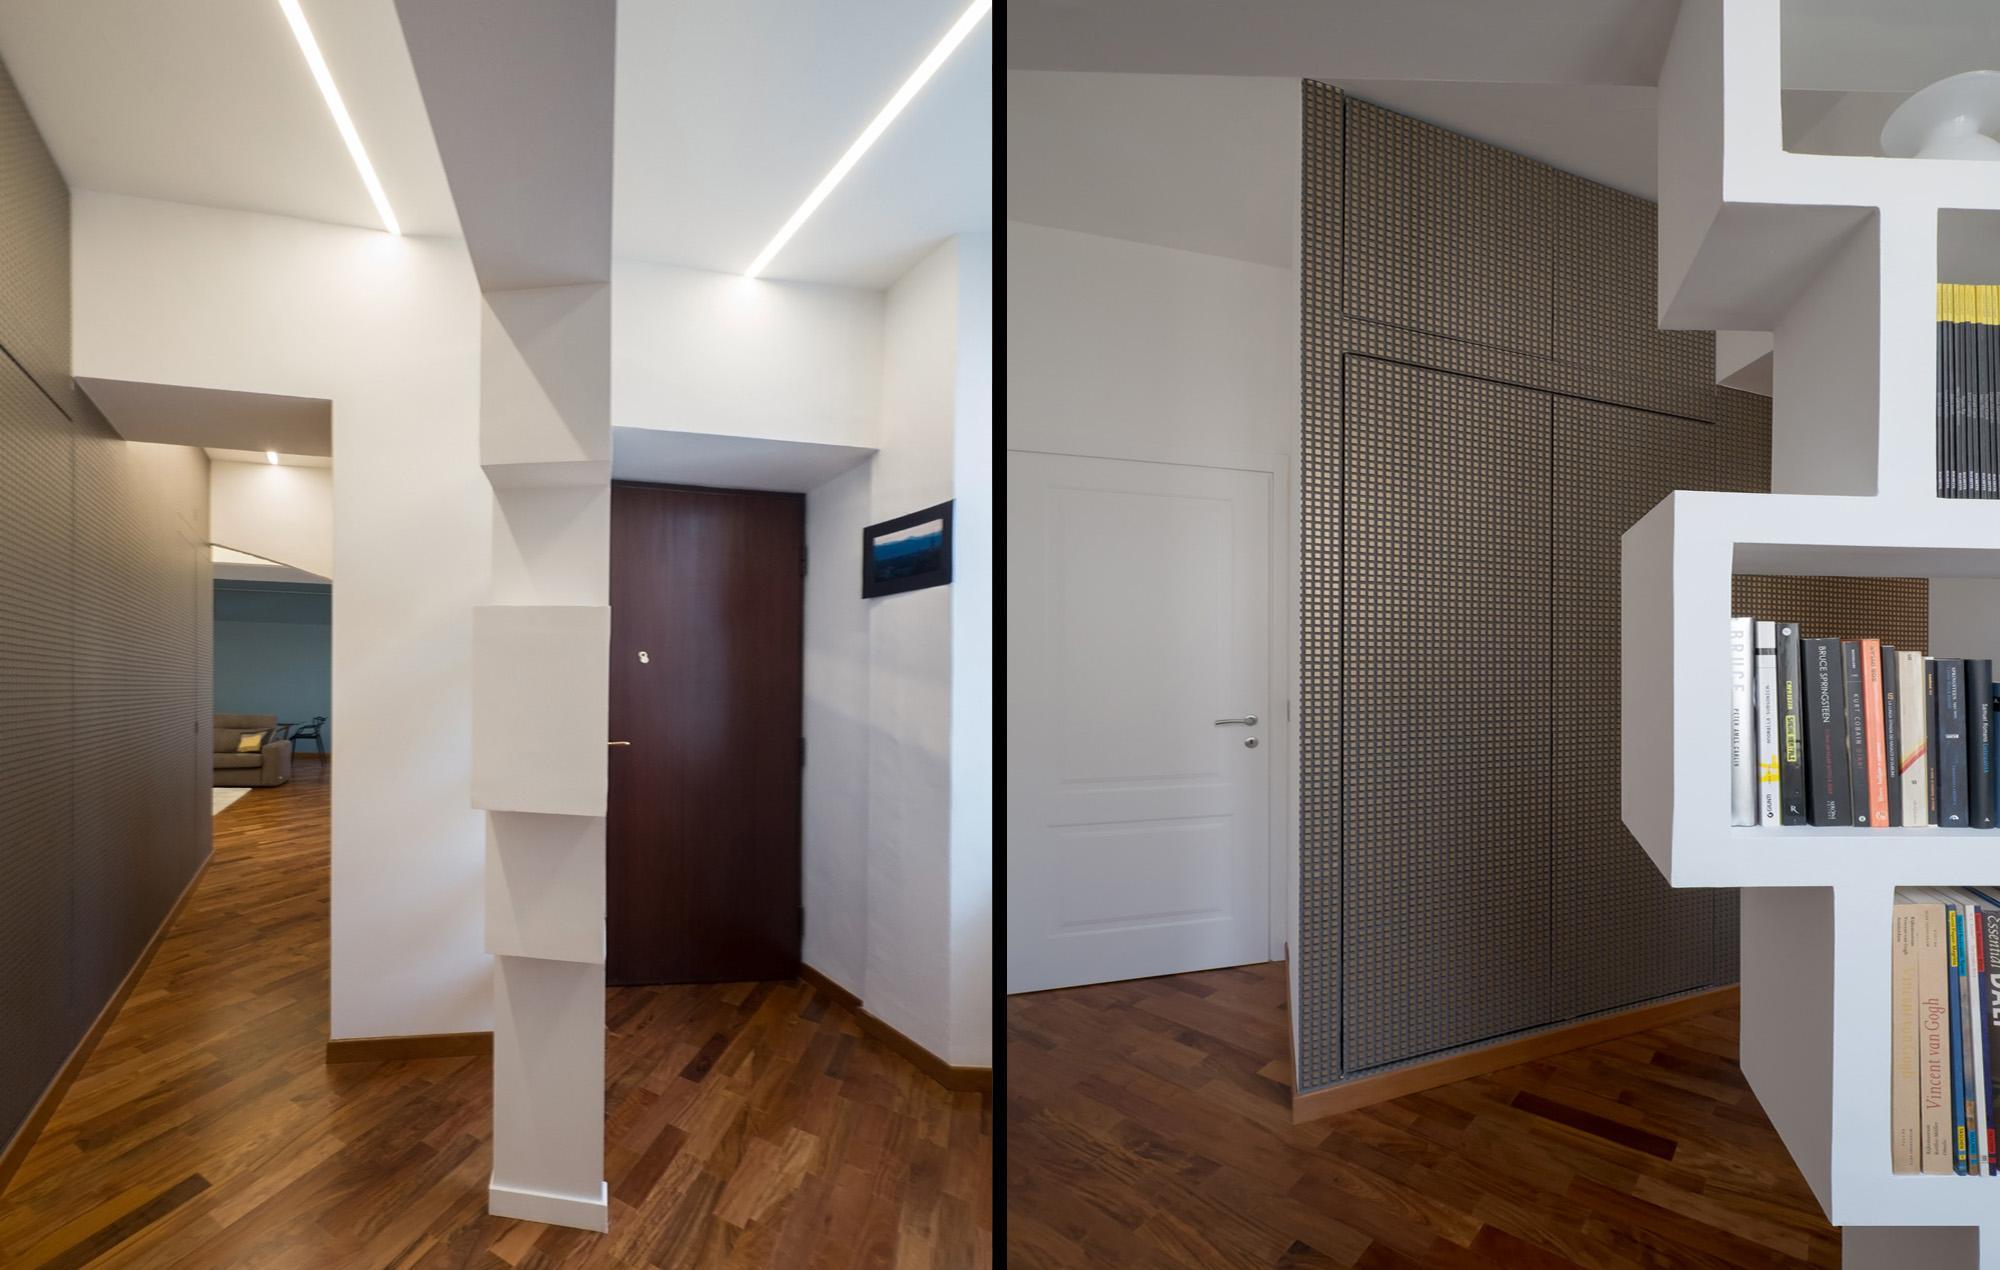 Ristrutturazione appartamento in Vanchiglia, Torino